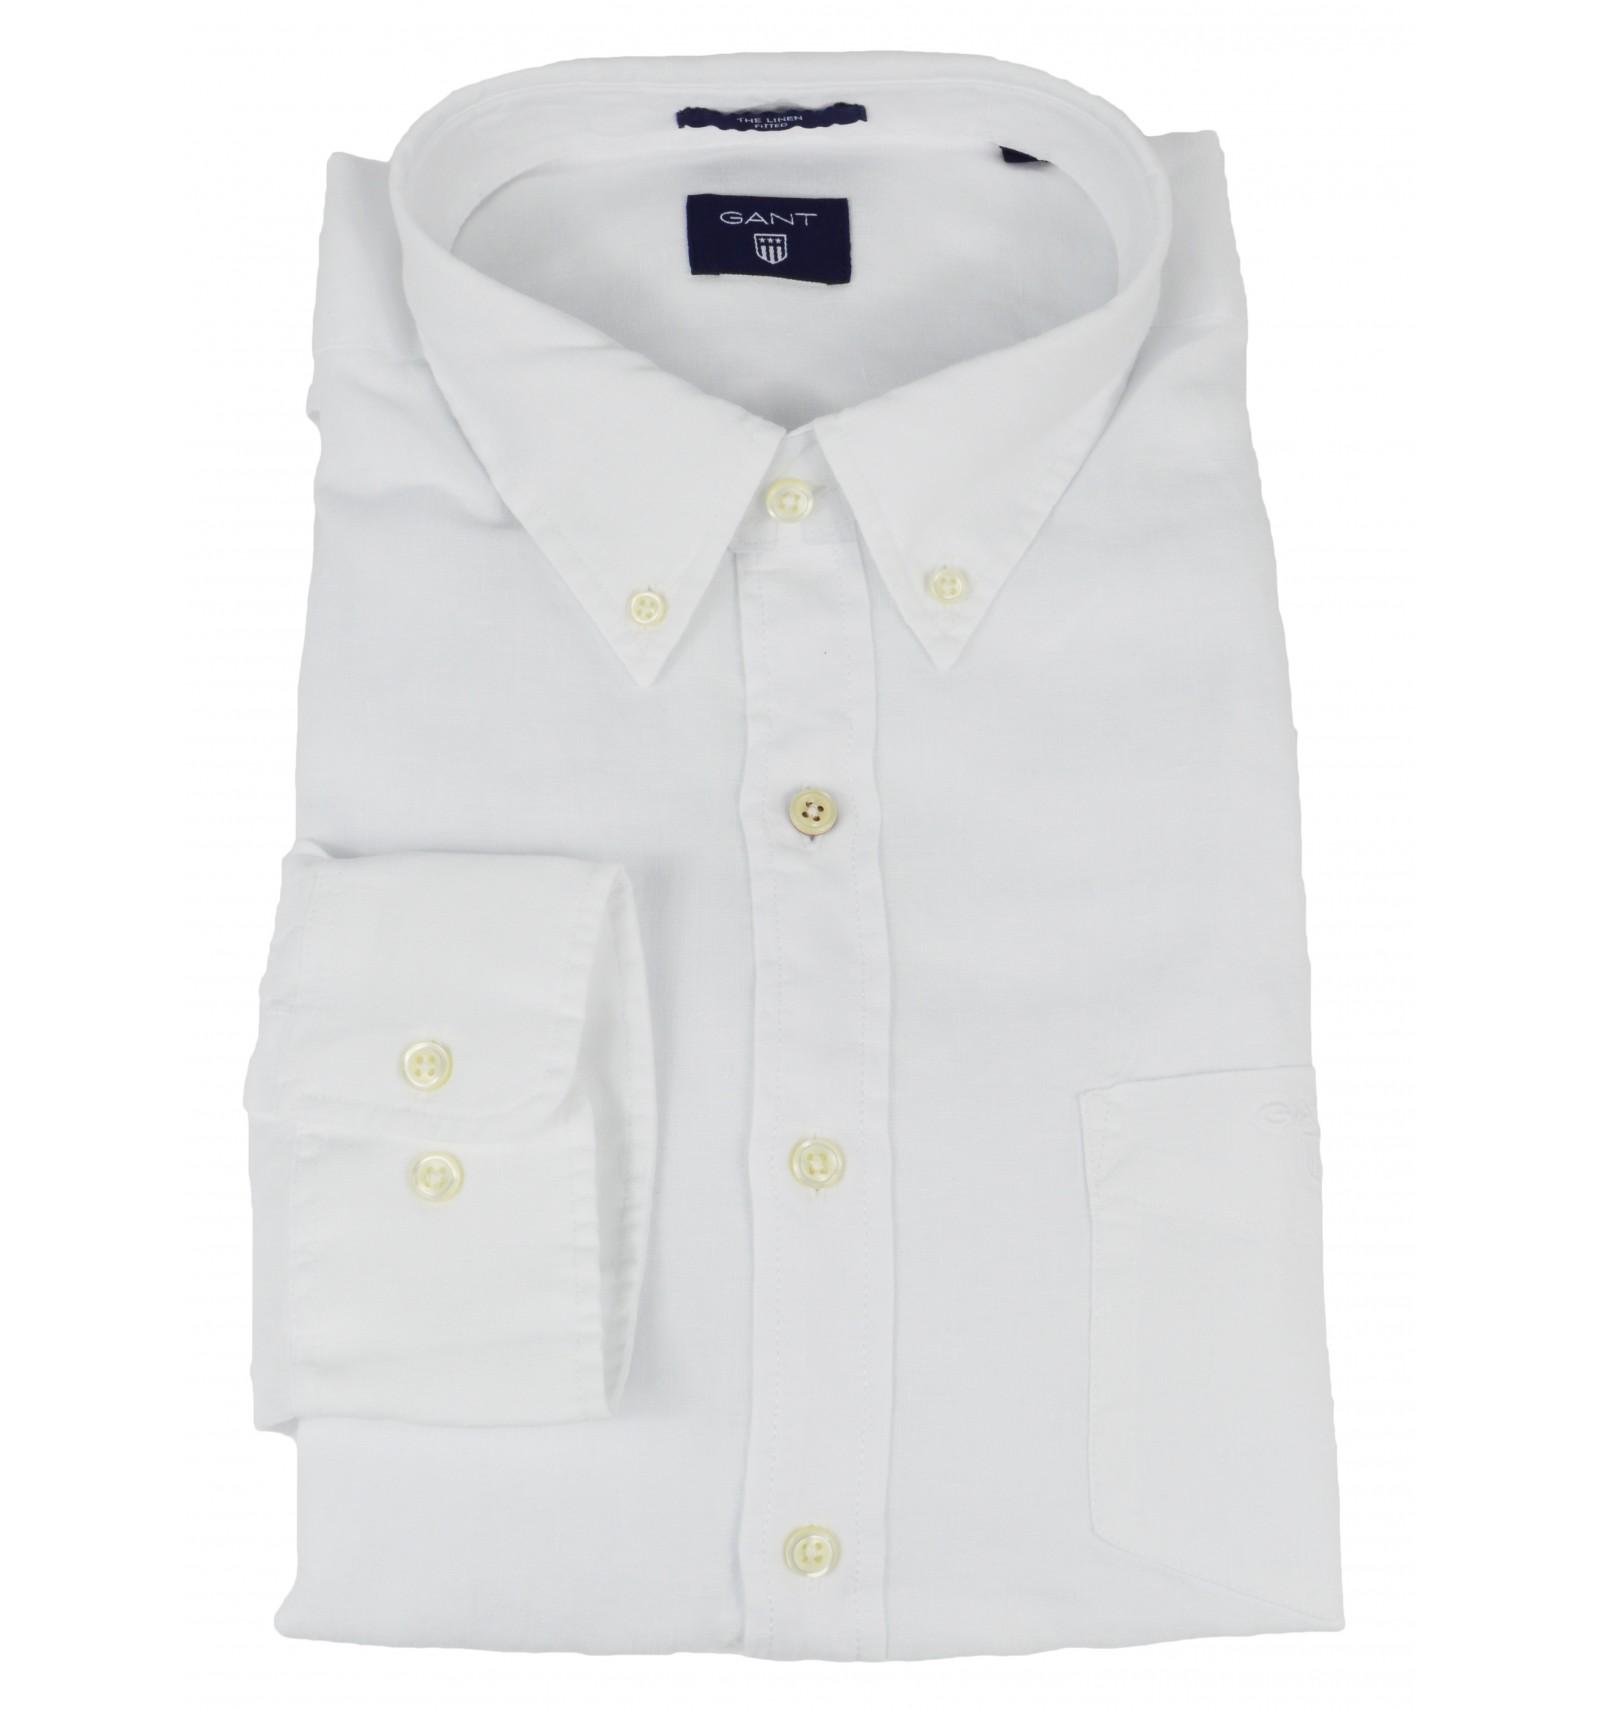 on sale 5e490 0ab70 GANT uomo camicia button down bianco taschino 100% lino